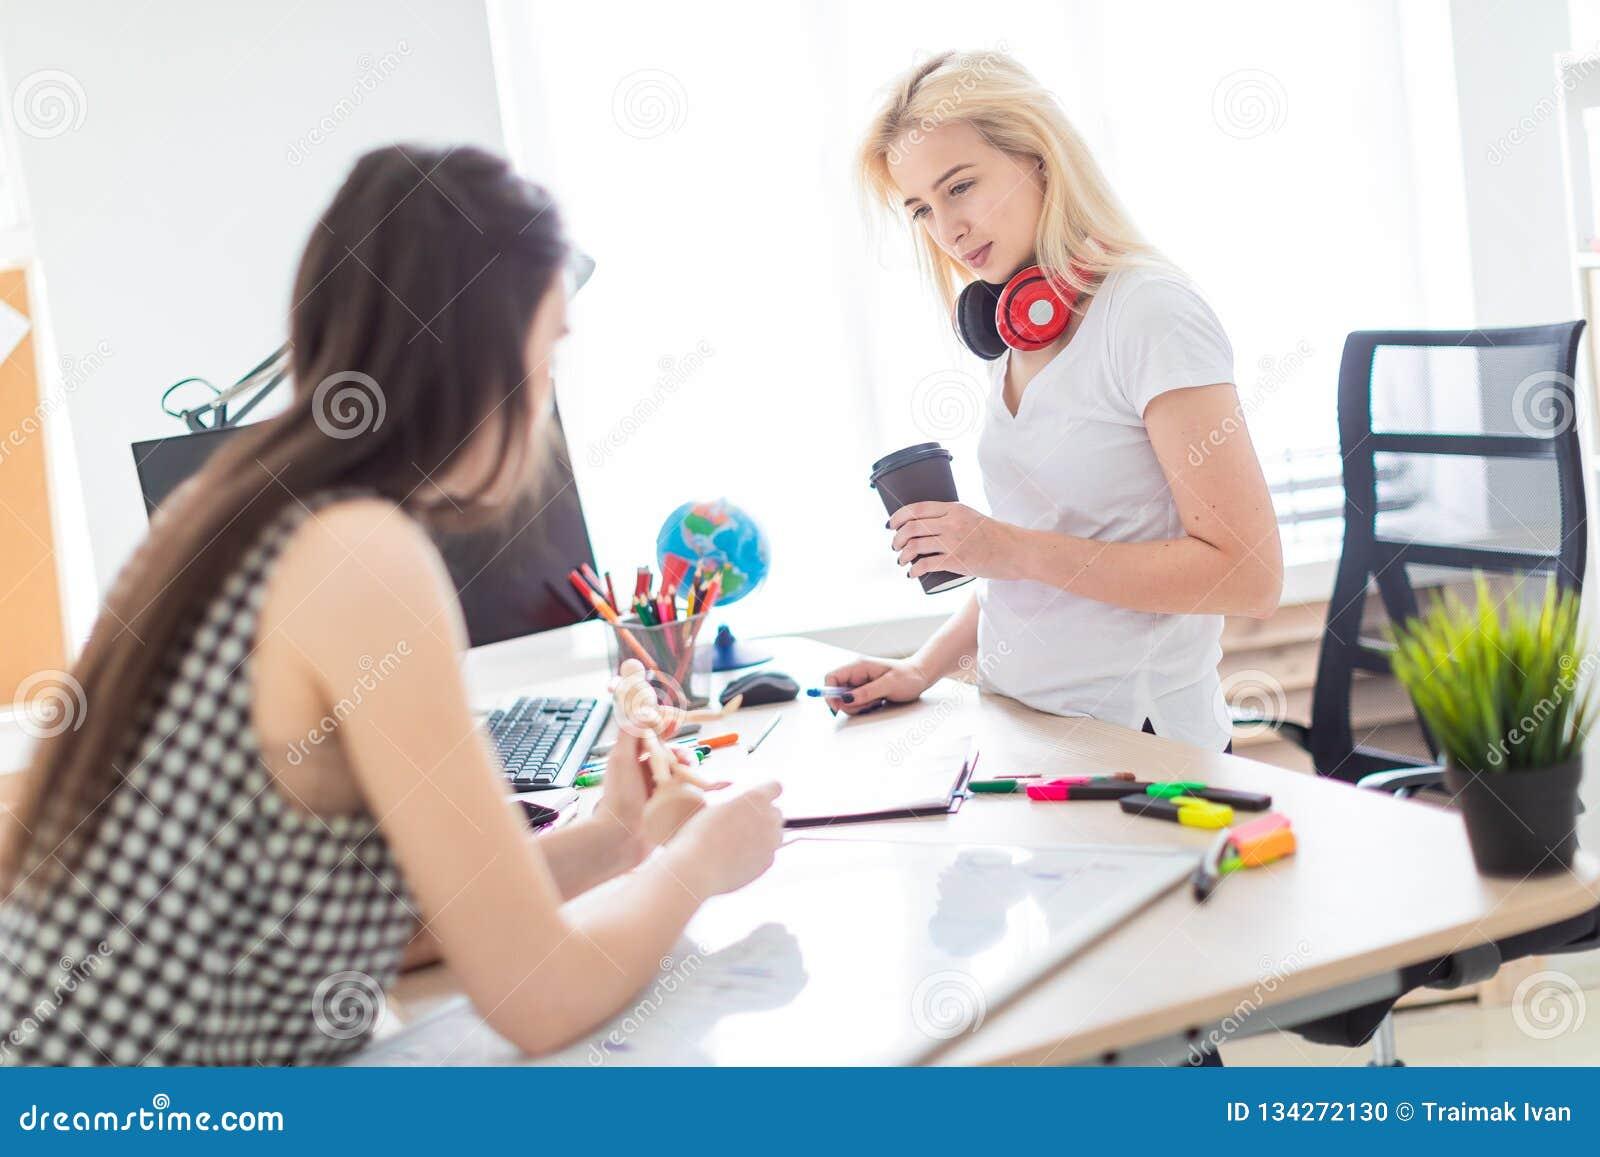 Twee meisjes werken in het bureau Het meisje houdt een model van een mens